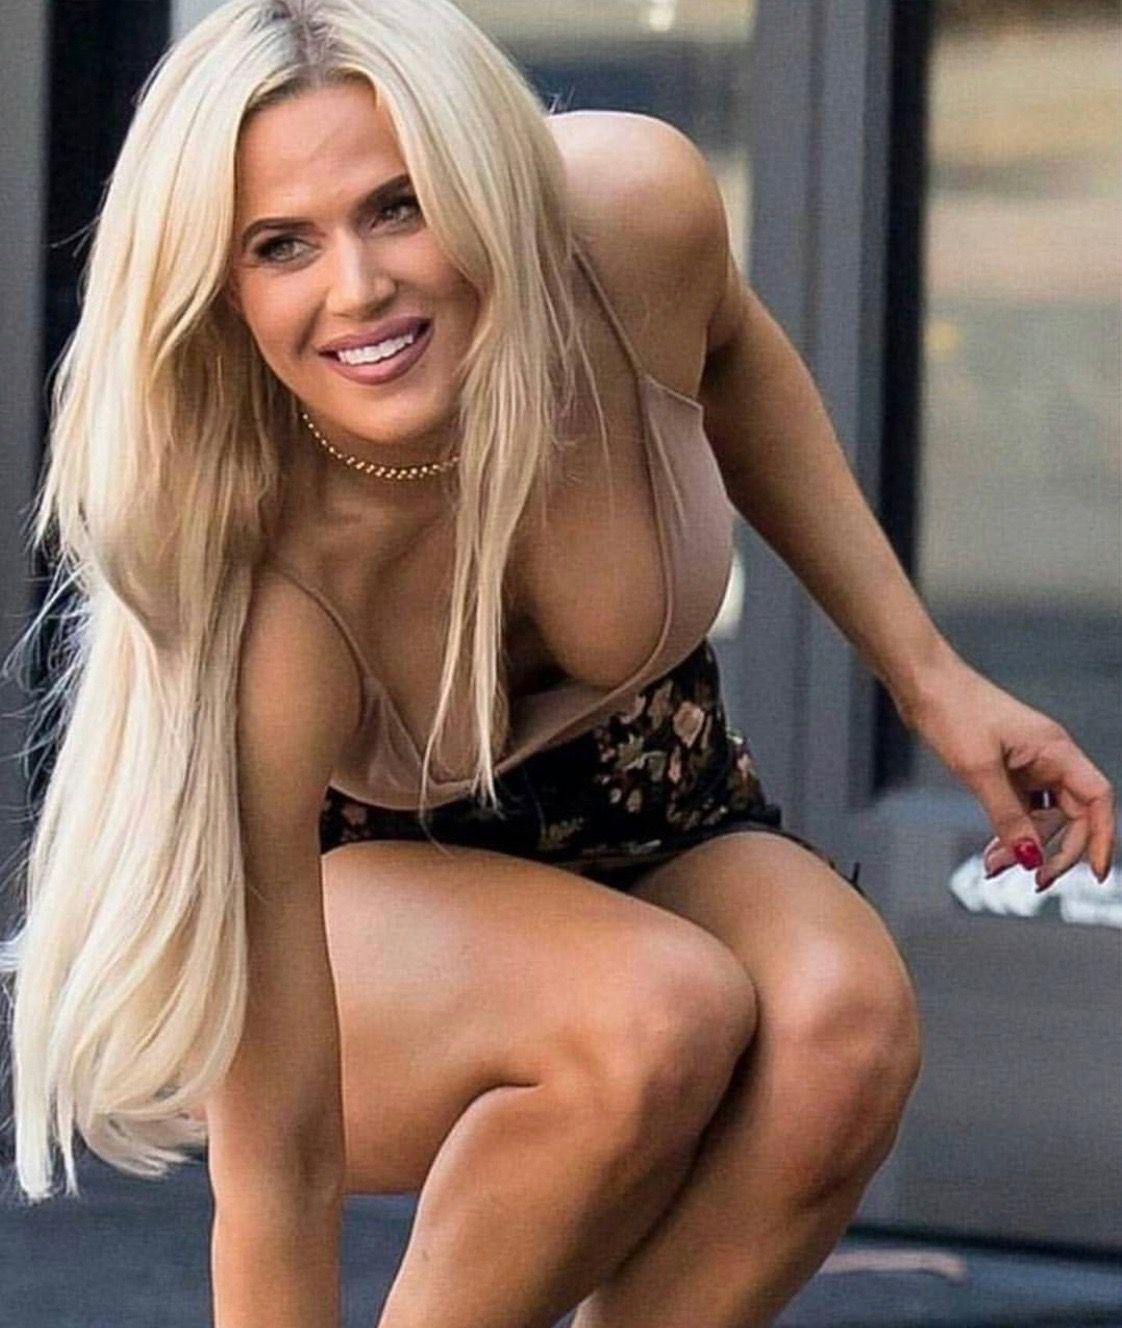 Pin by Edgar Davis on Hot Wrestling Blondes | Wwe divas